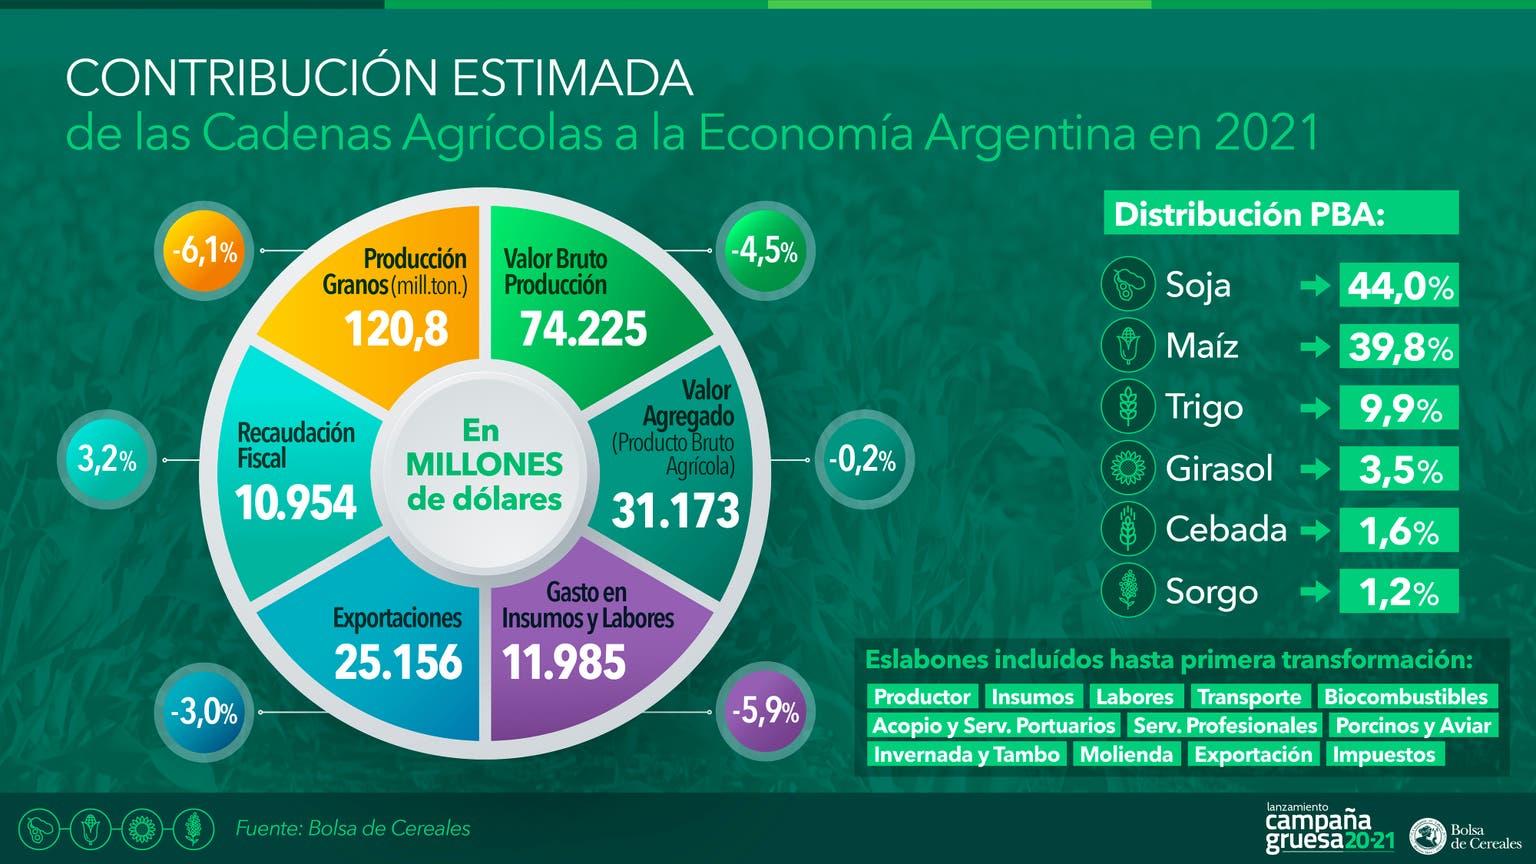 El aporte de las cadenas agrícolas estimado para 2020/2021